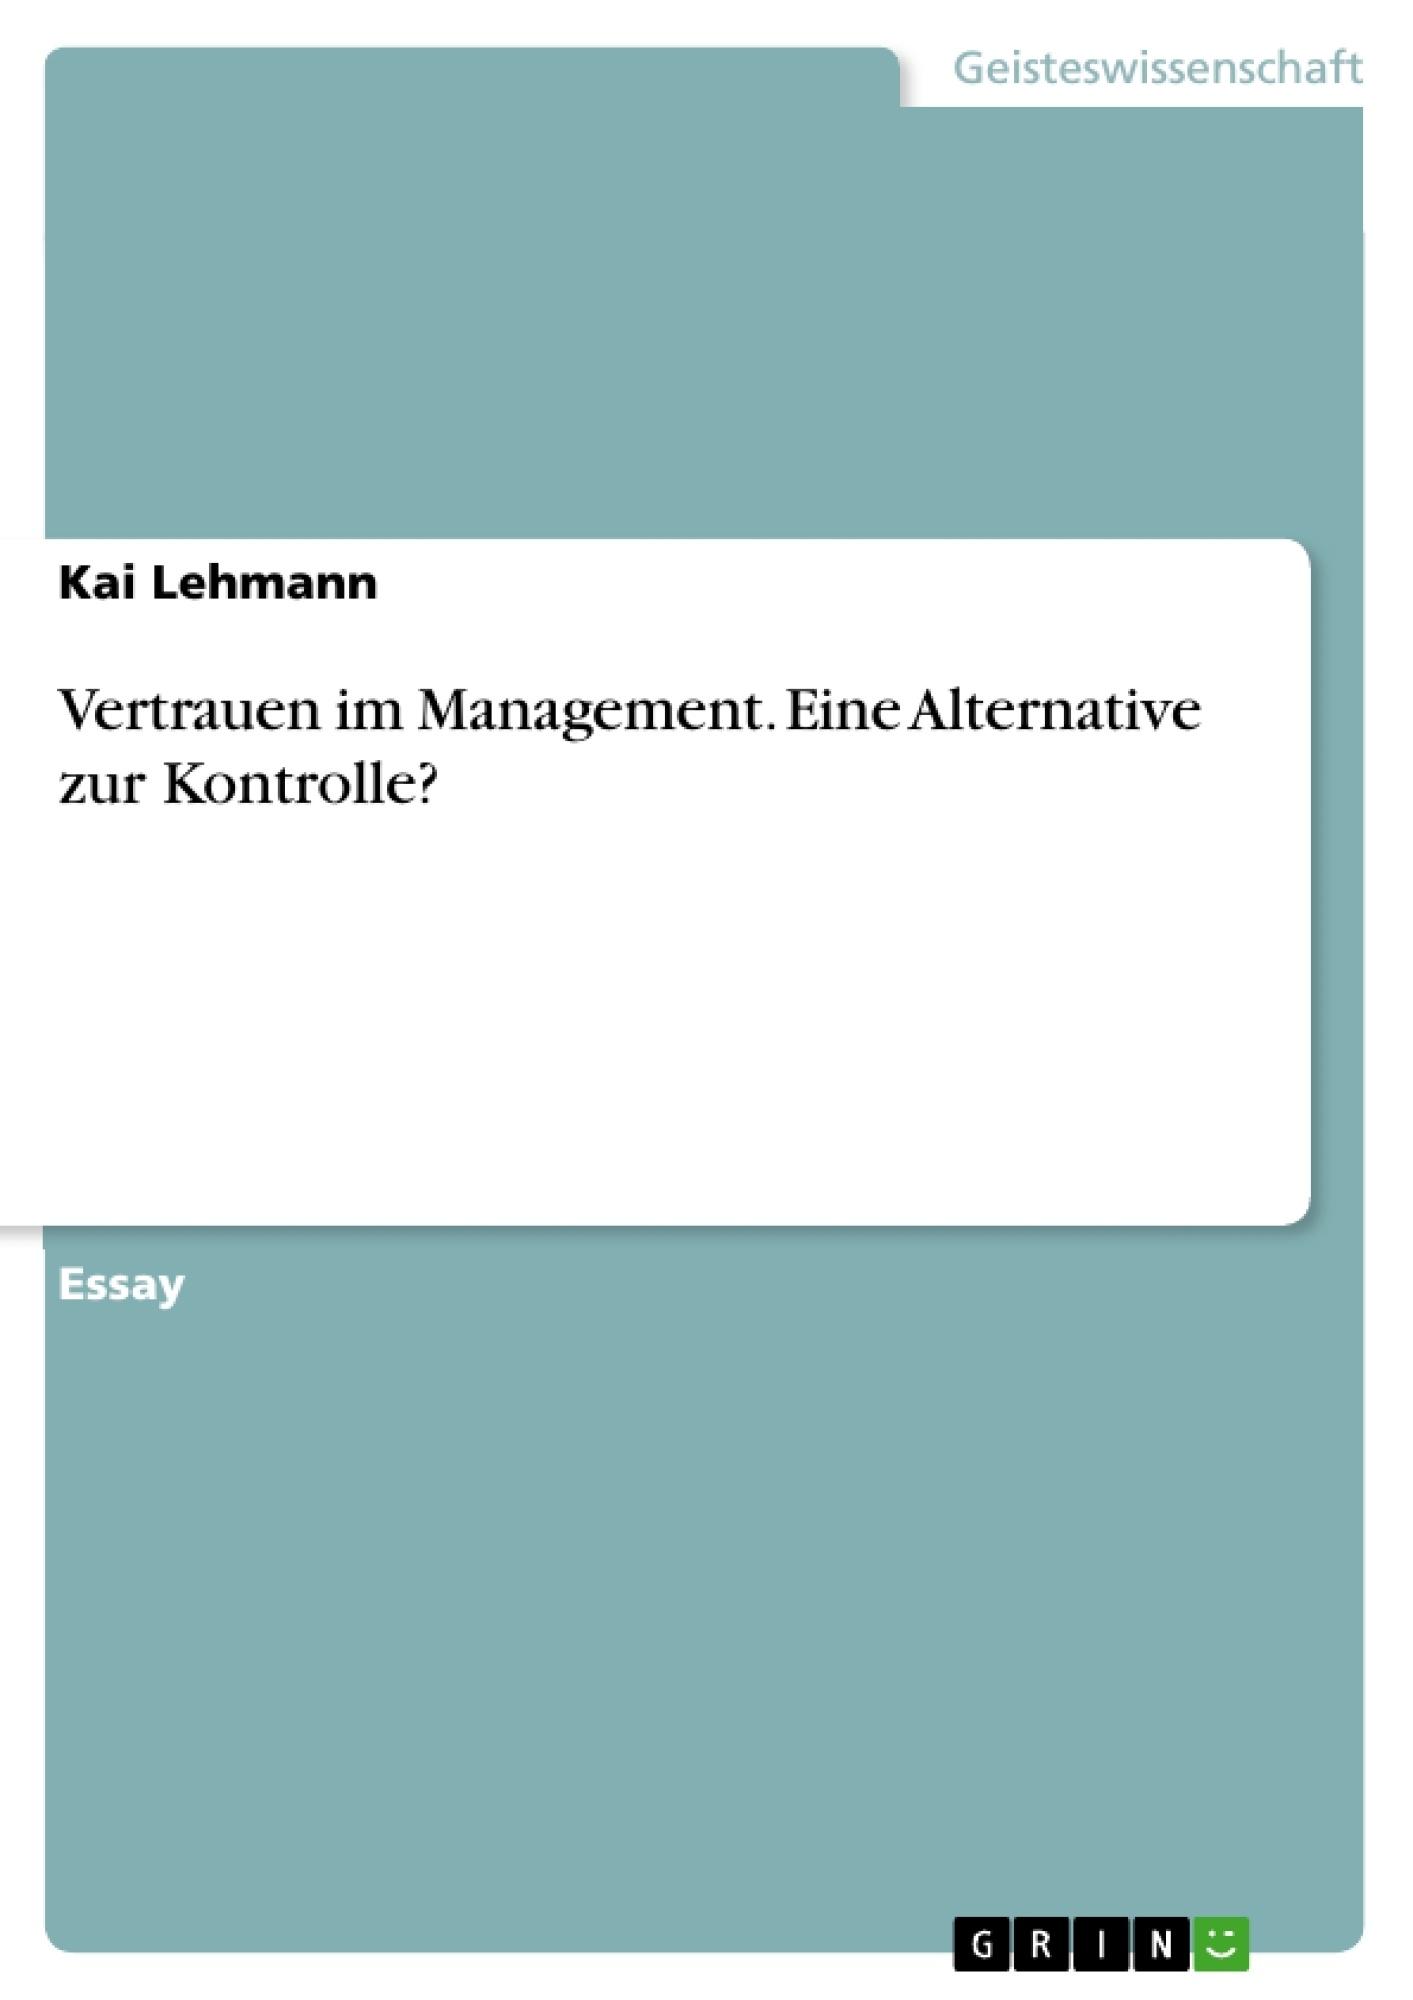 Titel: Vertrauen im Management. Eine Alternative zur Kontrolle?